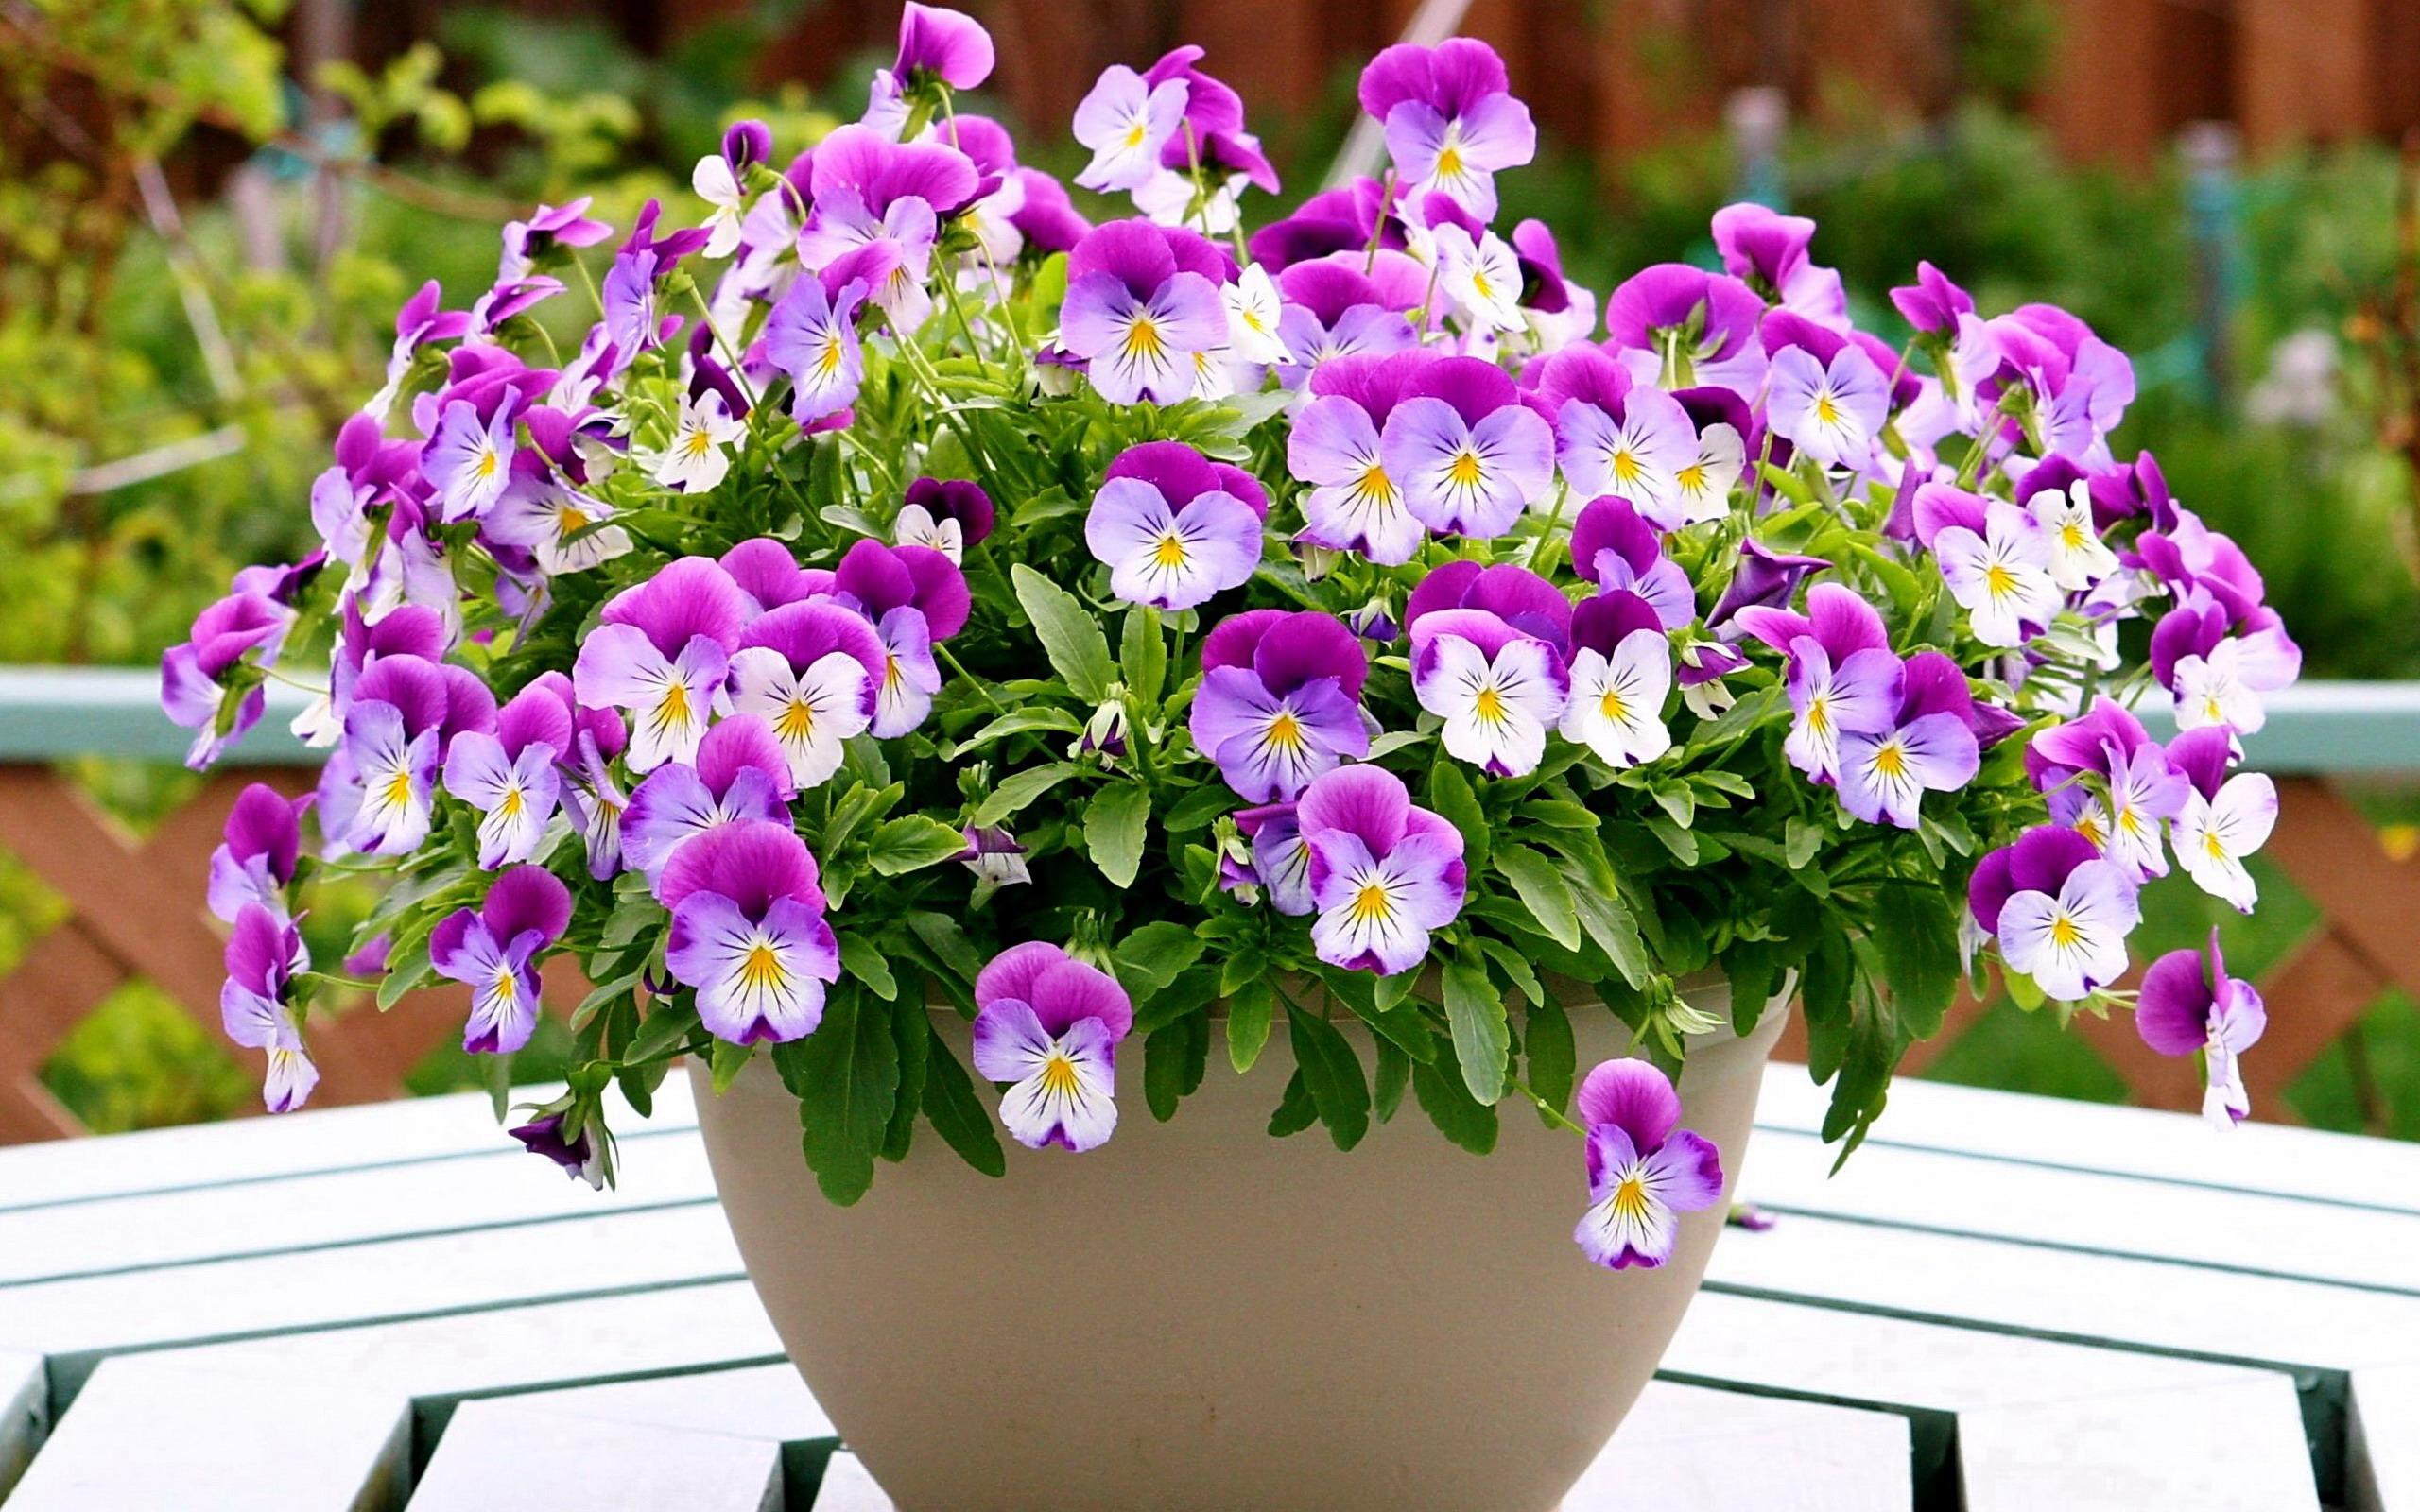 Cчитает домашние цветы в горшке одним из самых позитивных знаков, которые только могут присниться.